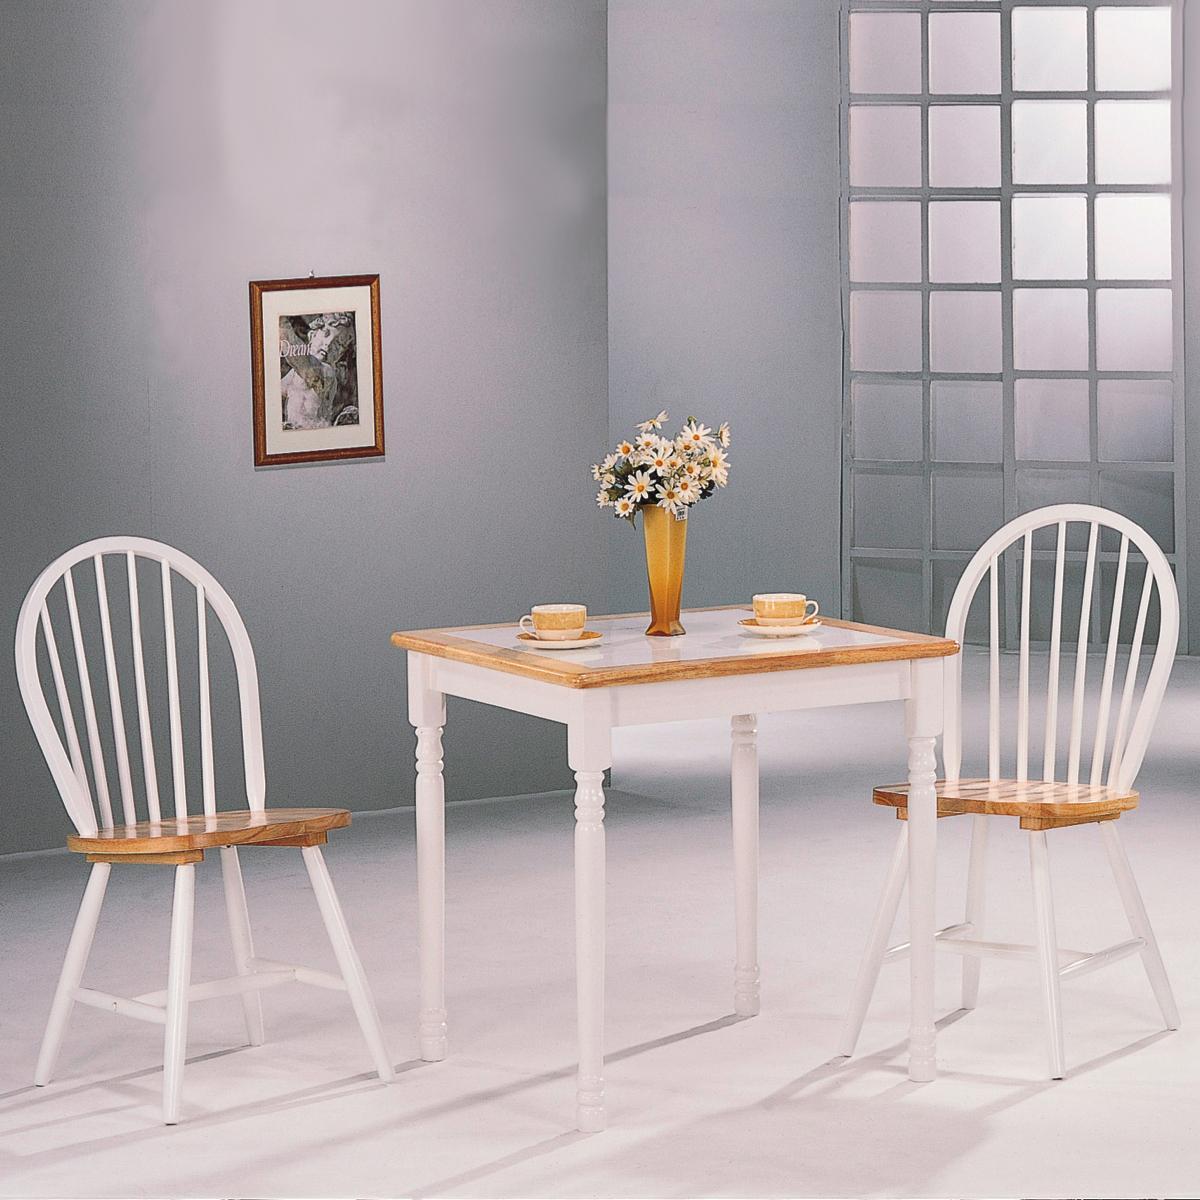 Coaster Damen 5 Piece Dining Set - Item Number: 4191+2X29